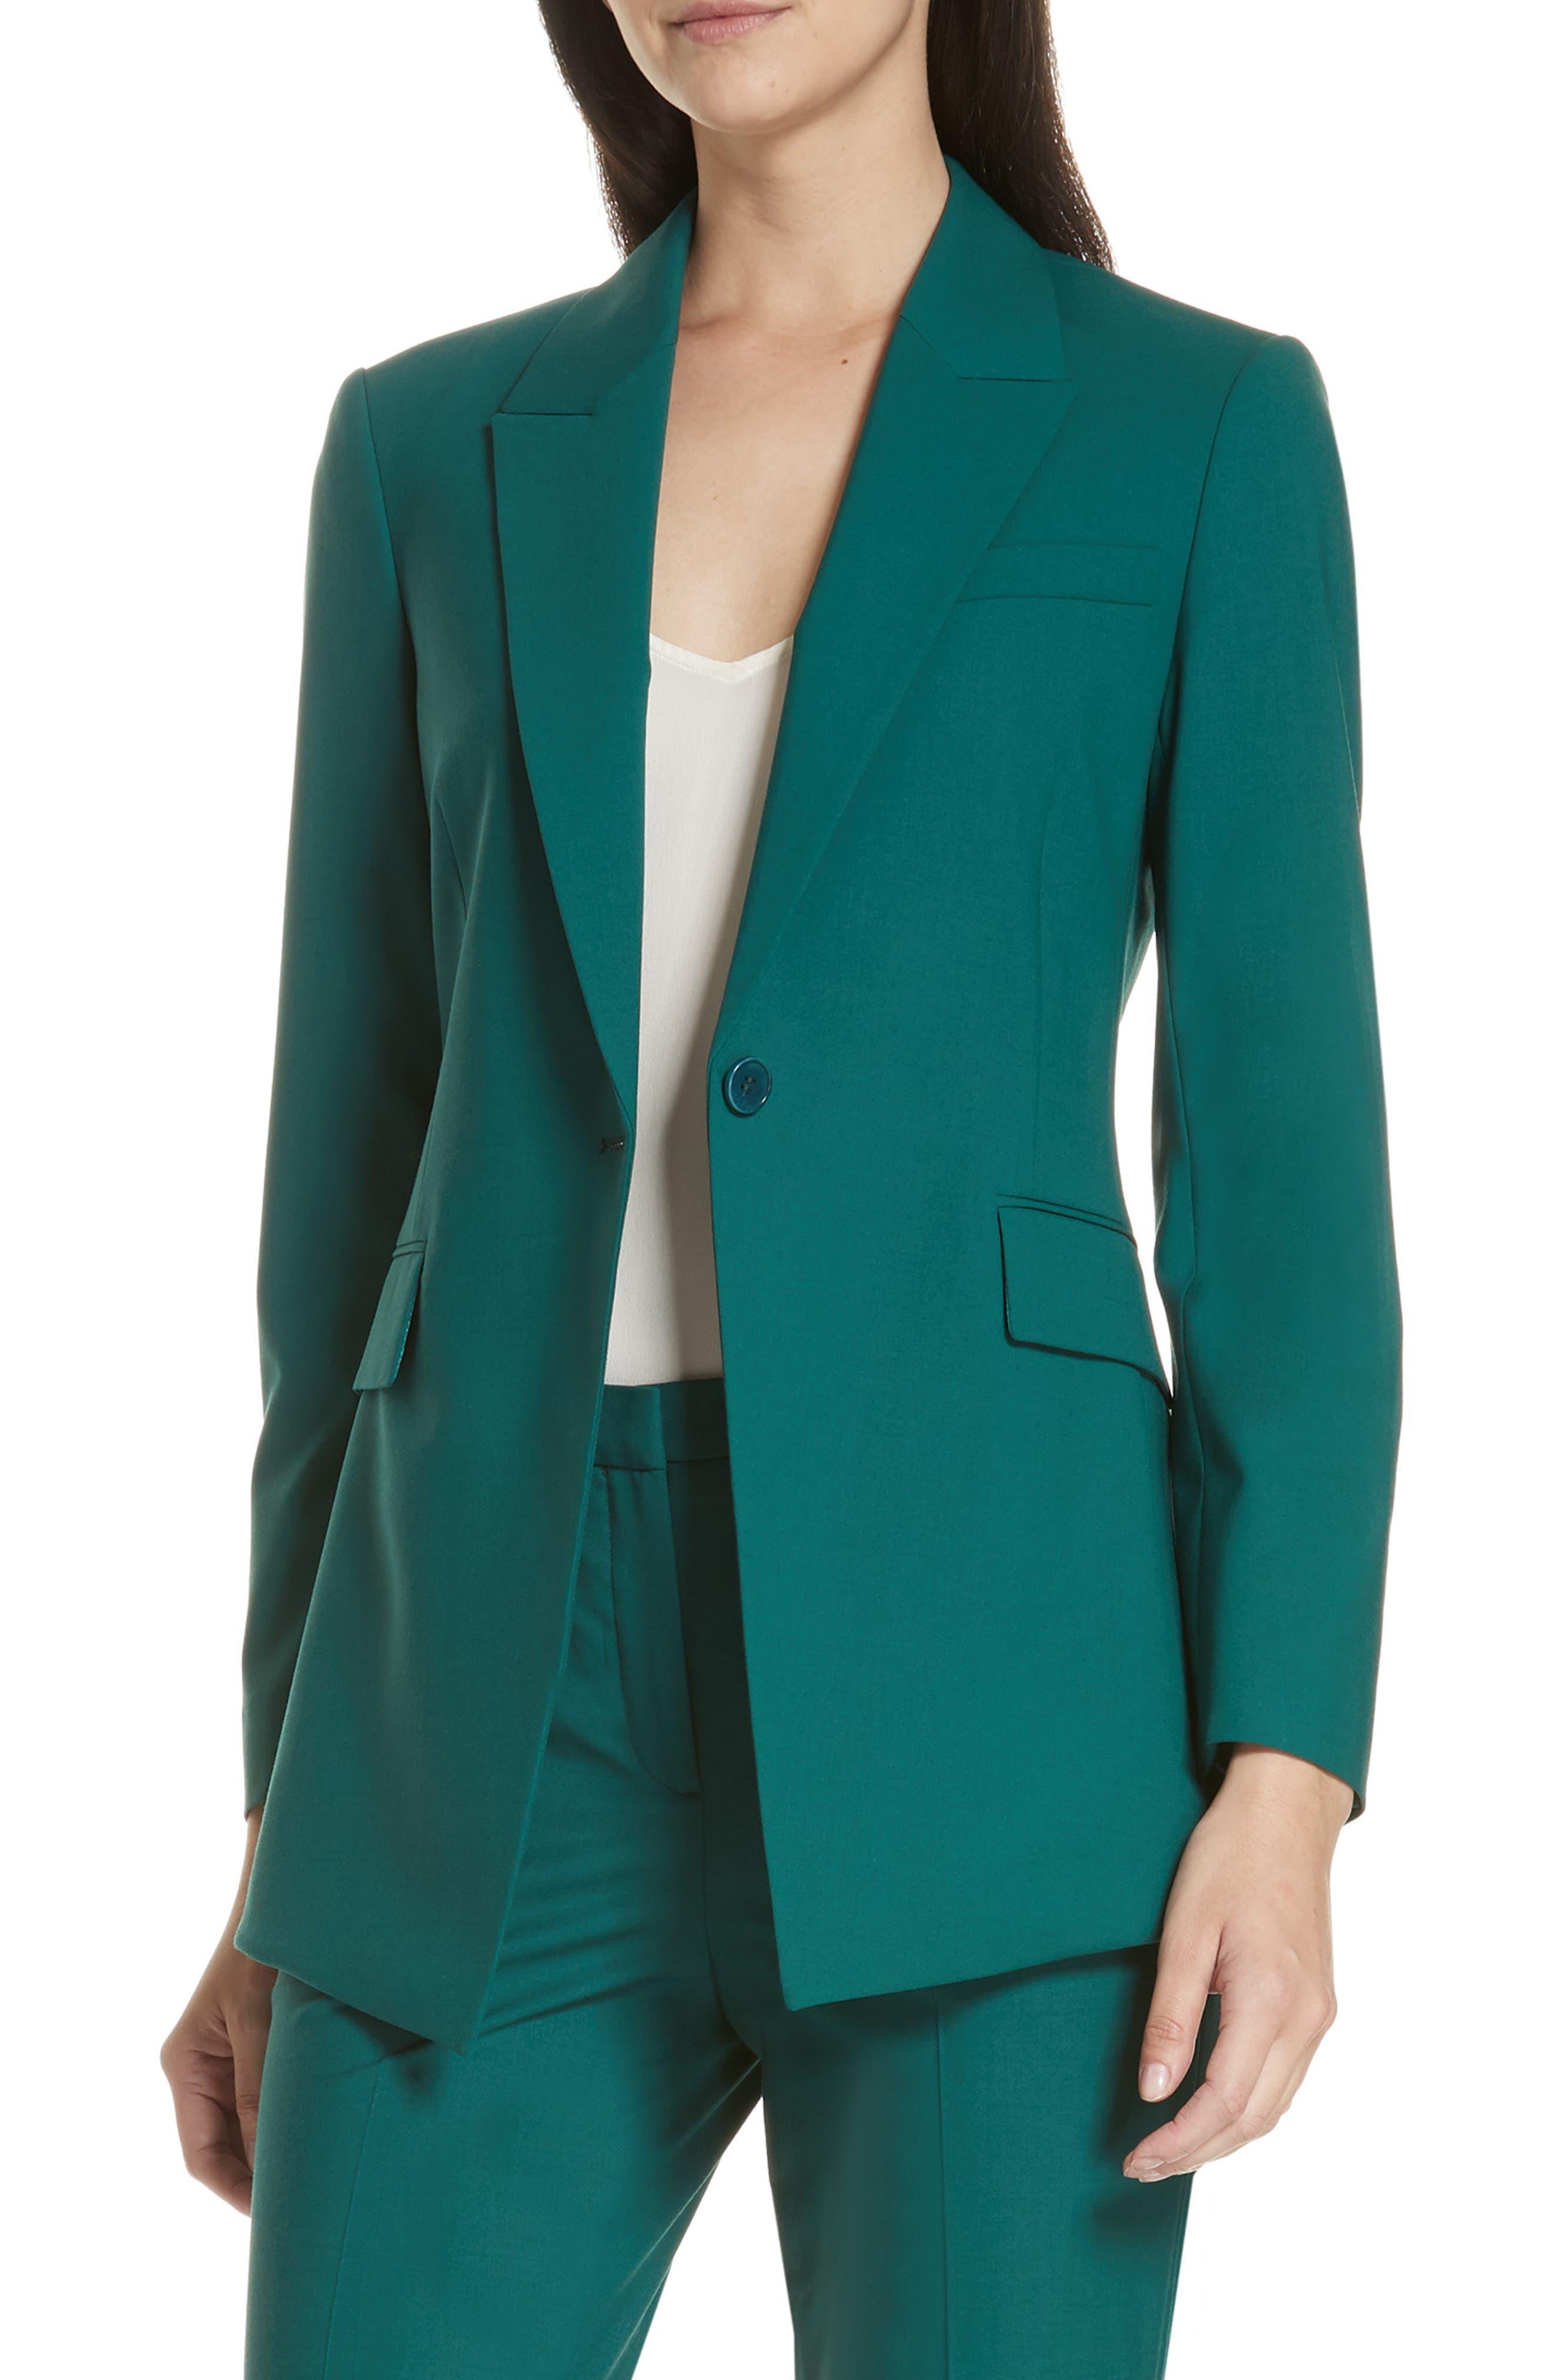 Etienette B Good Wool Suit Jacket,                             Main thumbnail 2, color,